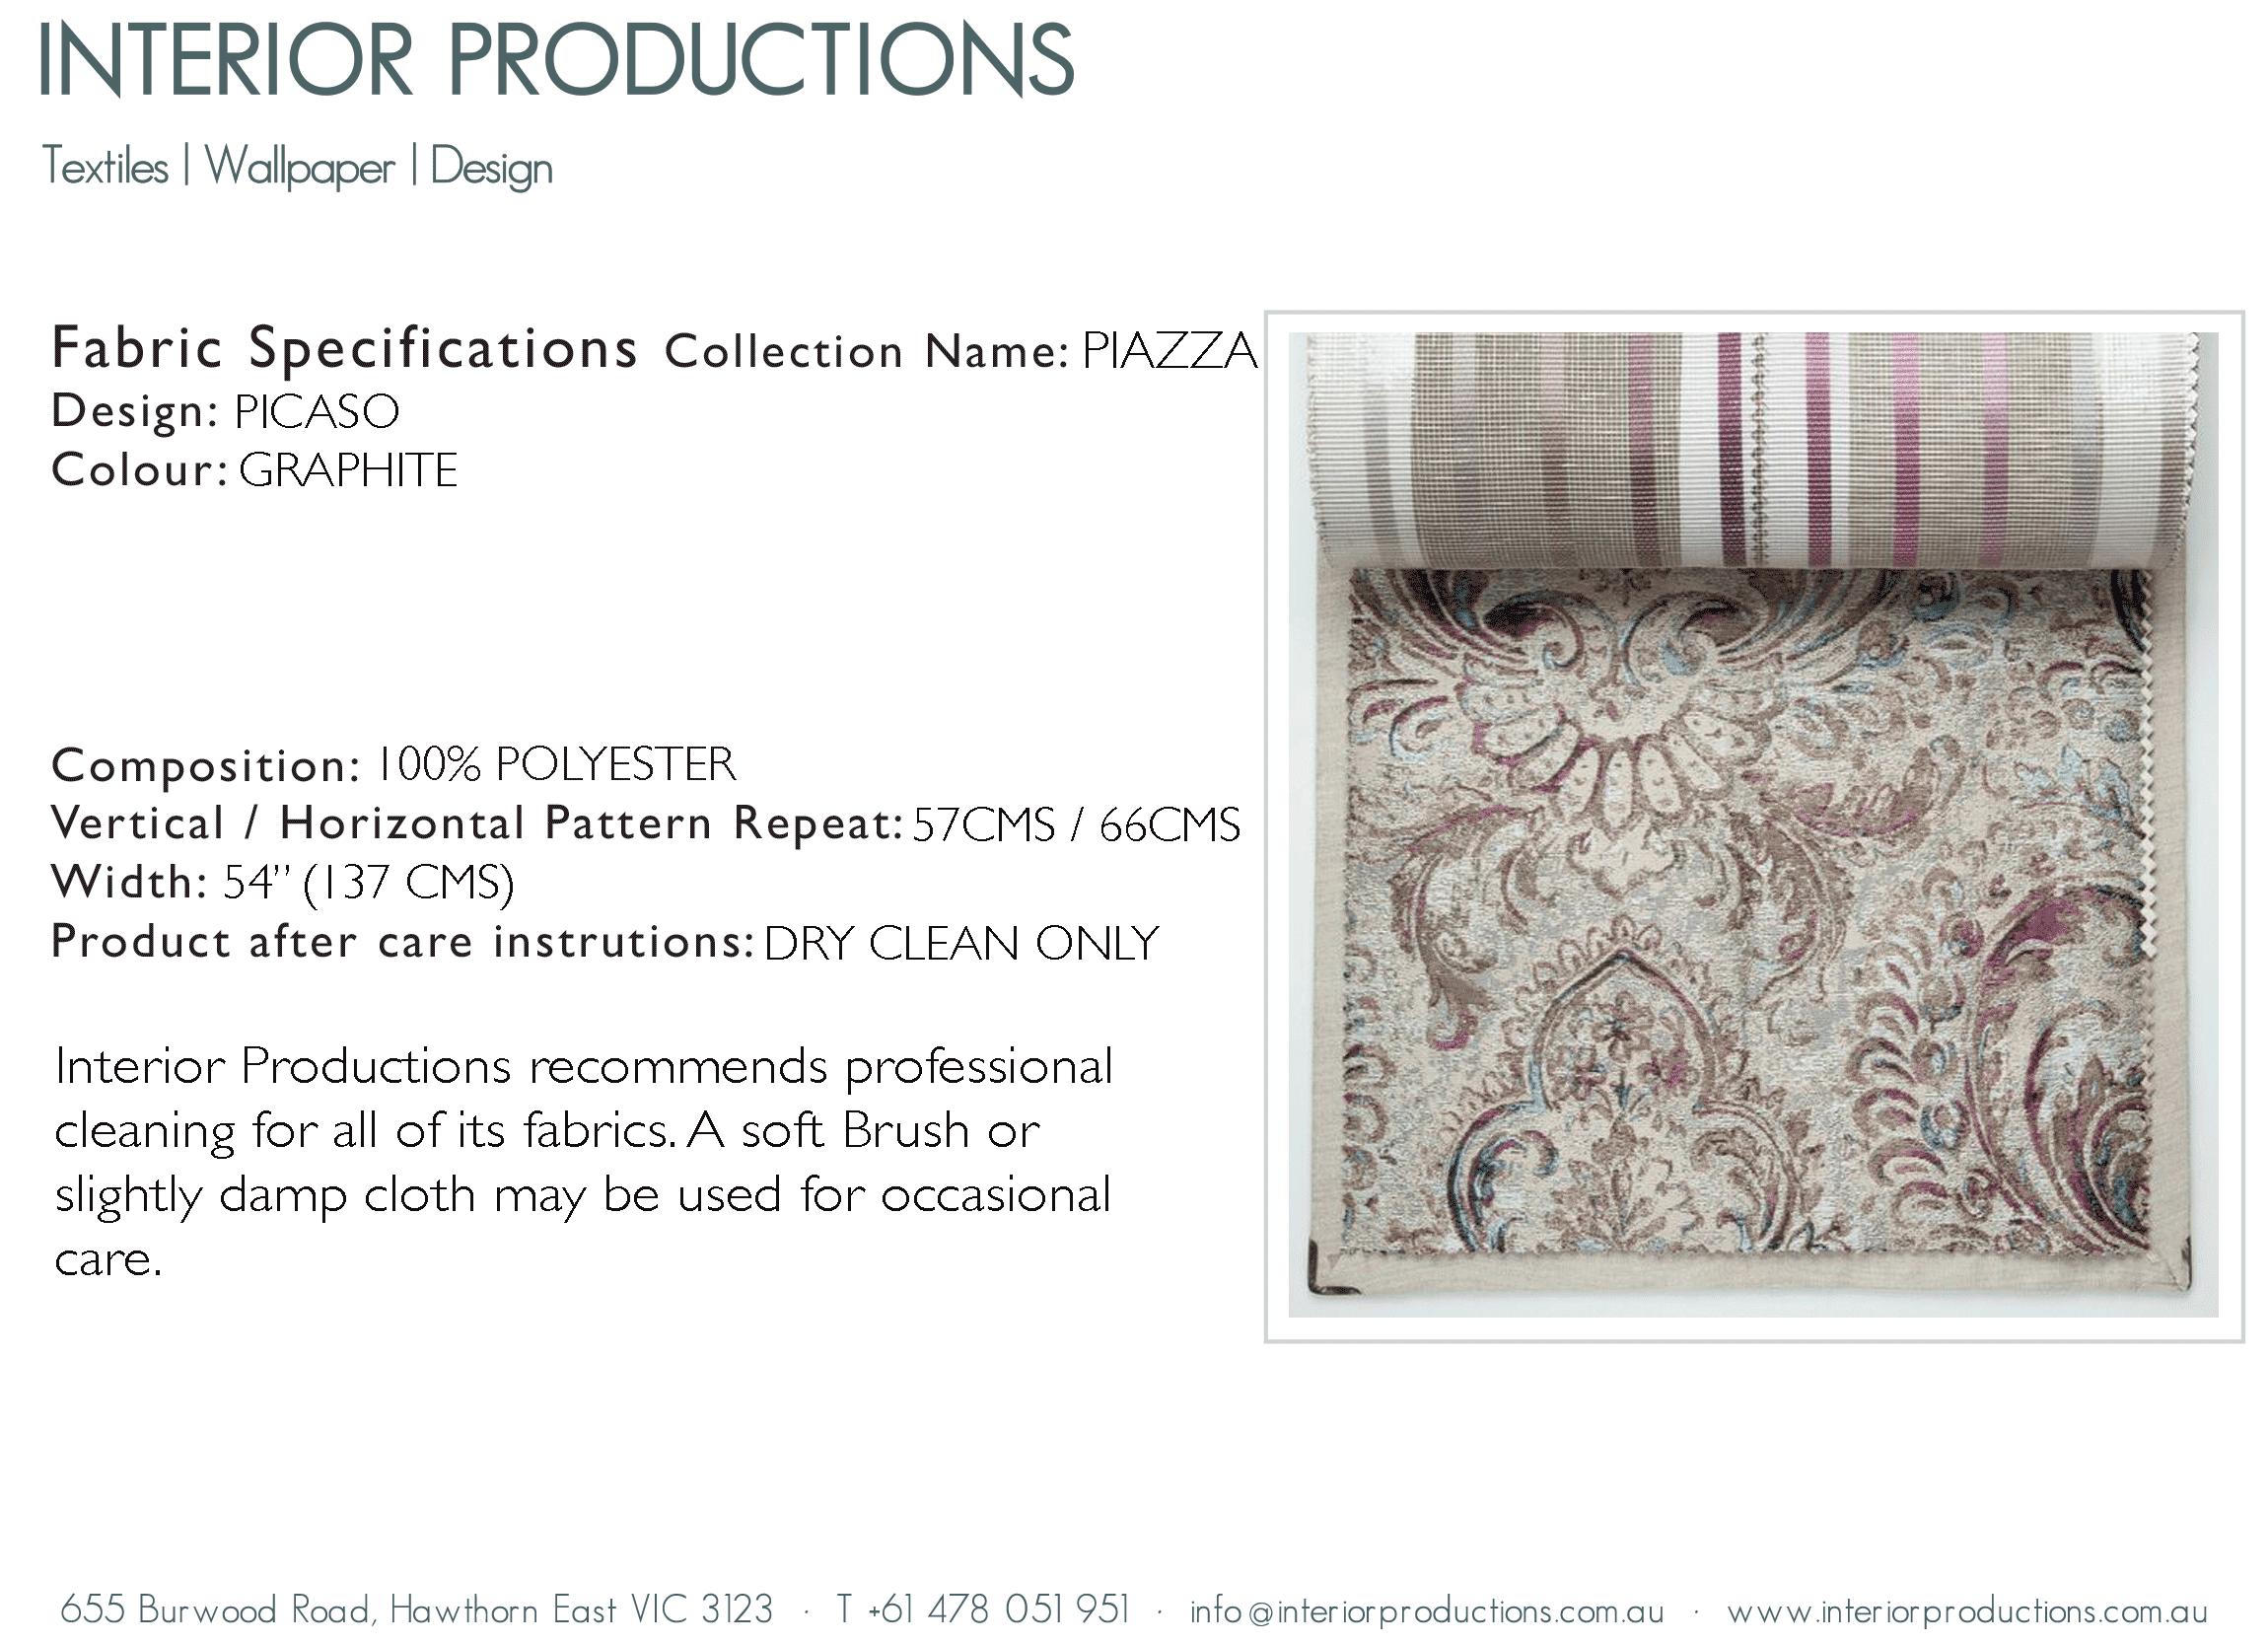 interior_productions_PICASO---GRAPHITE